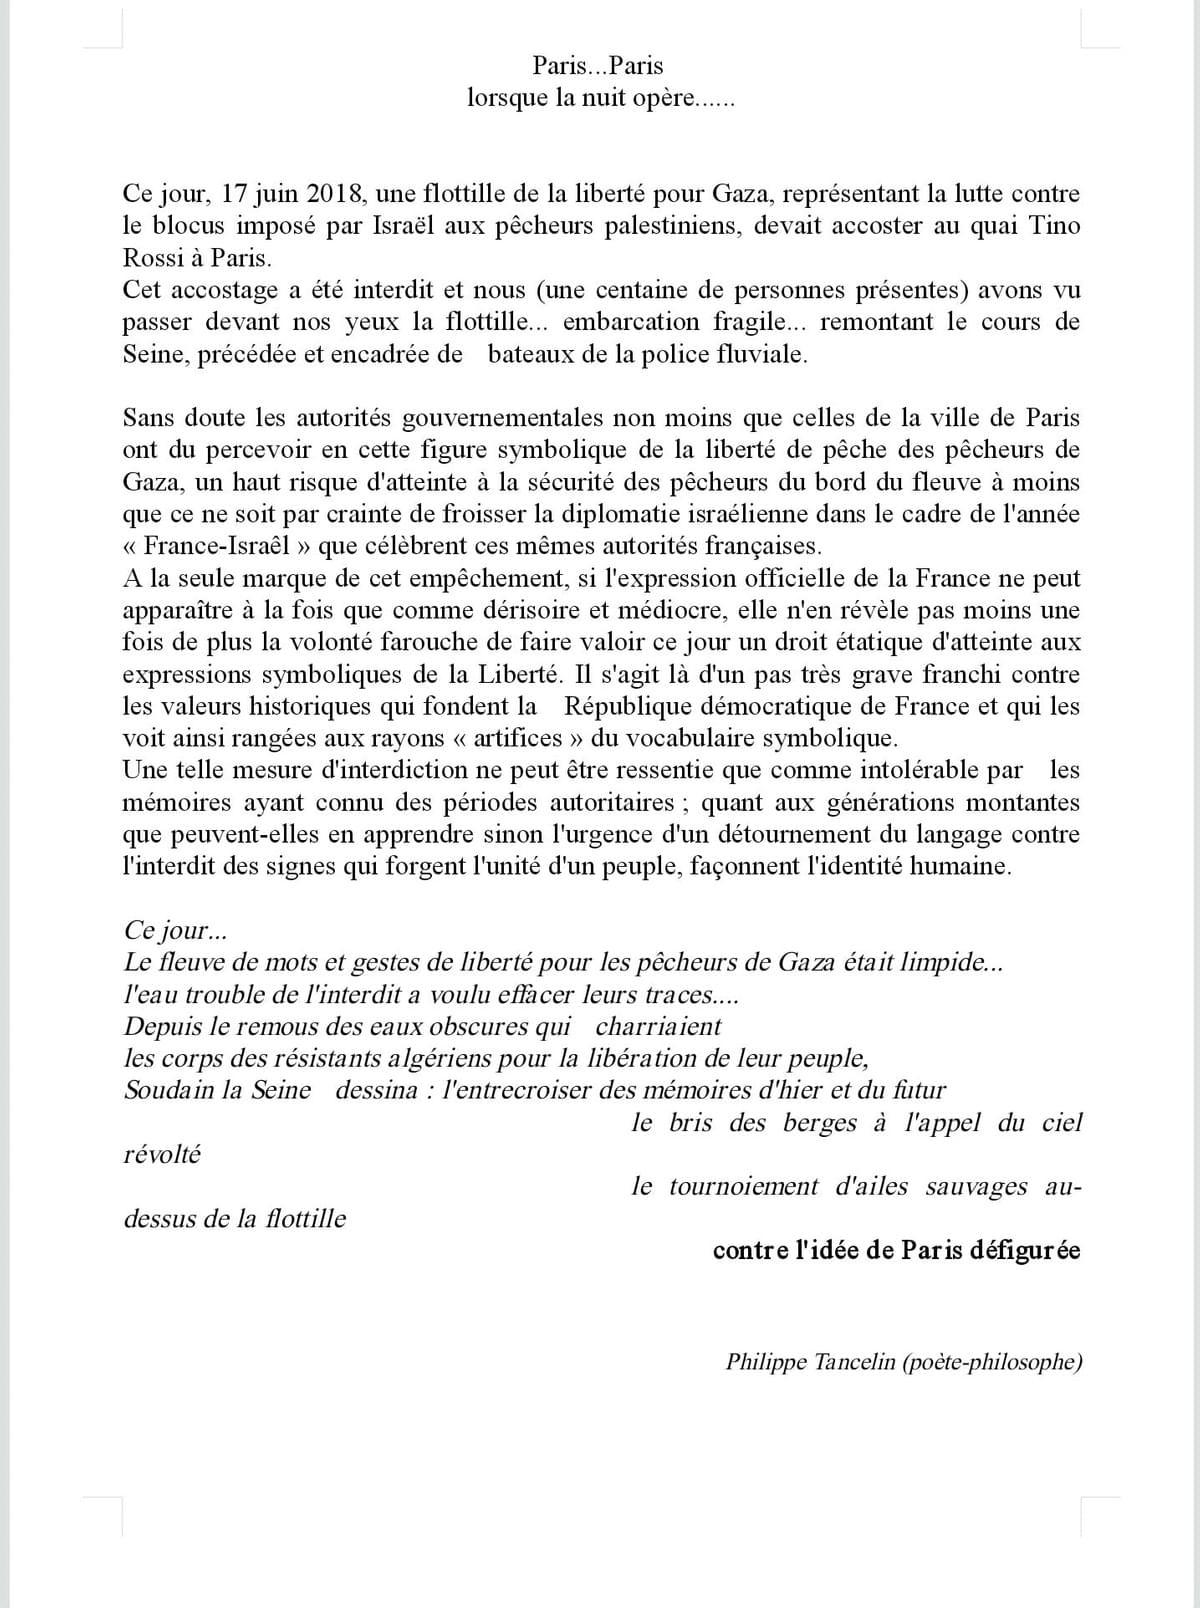 Effraction Collectif De Poètes Des Cinq Continents On Strikingly